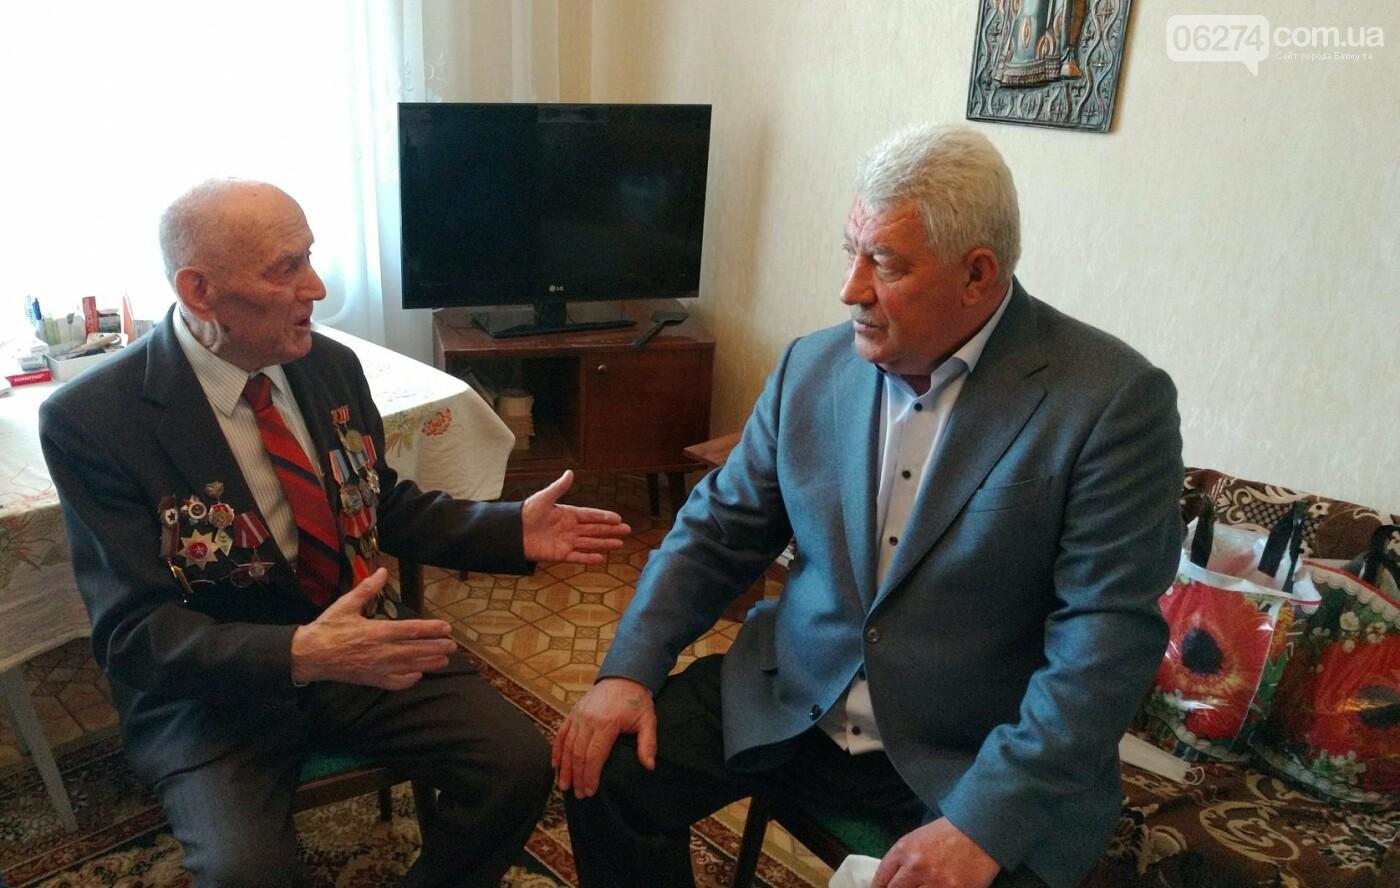 Мэр Бахмута поздравил ветеранов Второй мировой с 75-летием Победы, фото-1